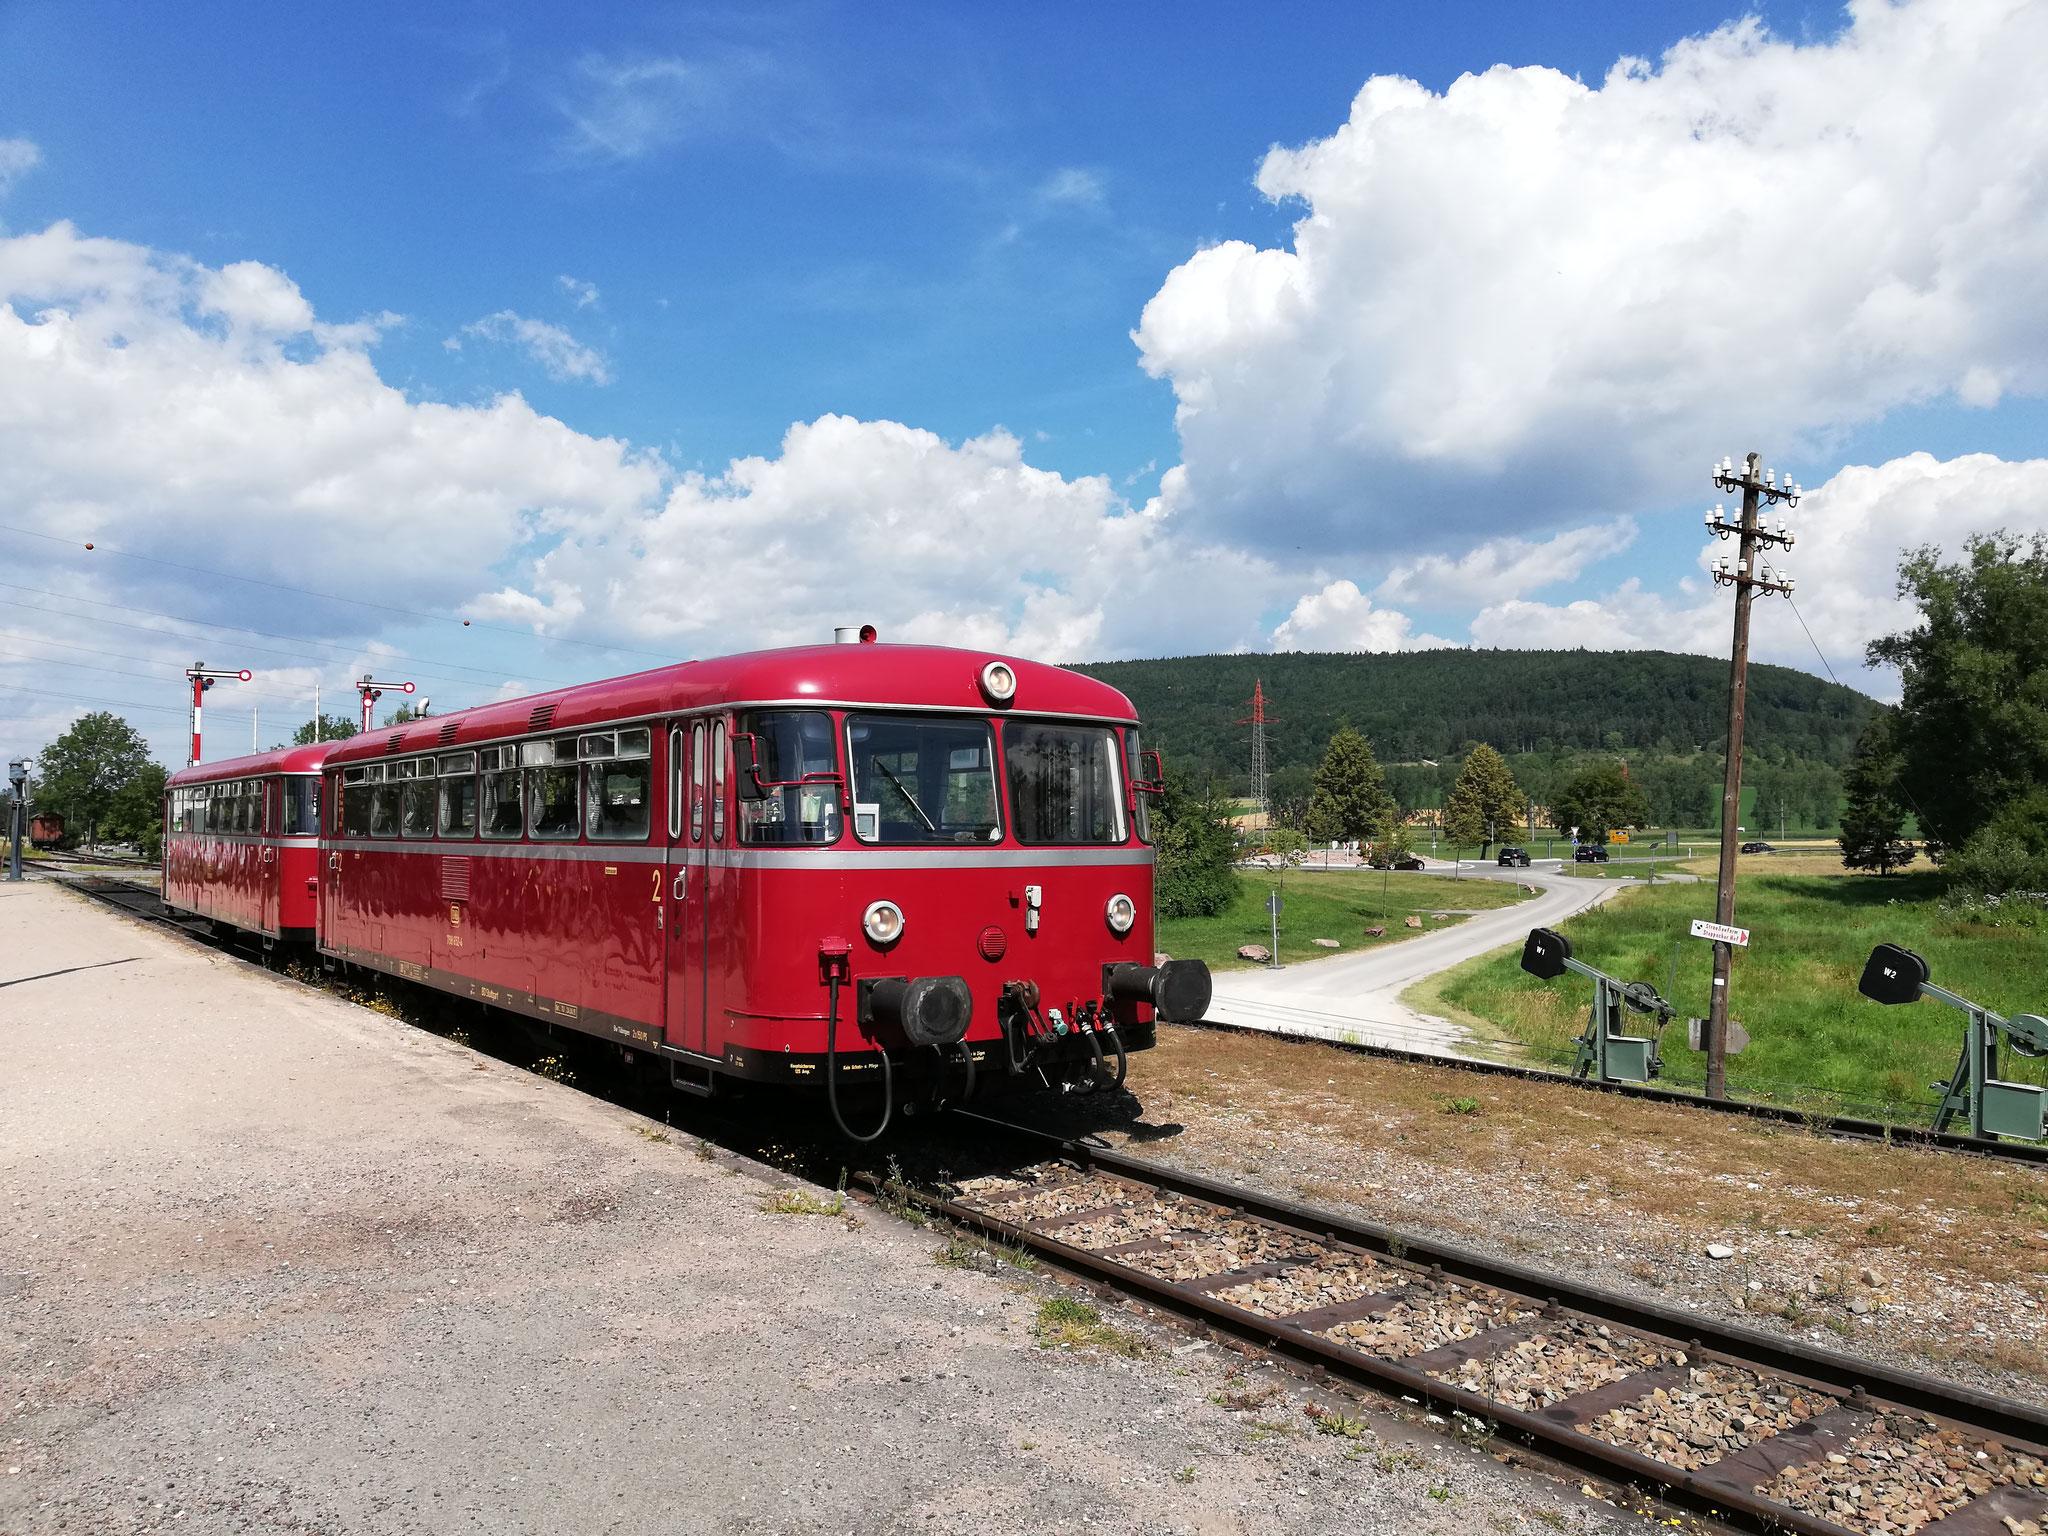 Auf dem Weg nach Waldshut macht unser VT in Zollhaus-Blumberg eine Pause, anschleißend geht es über die Sauschwänzlebahn an den Hochrhein.